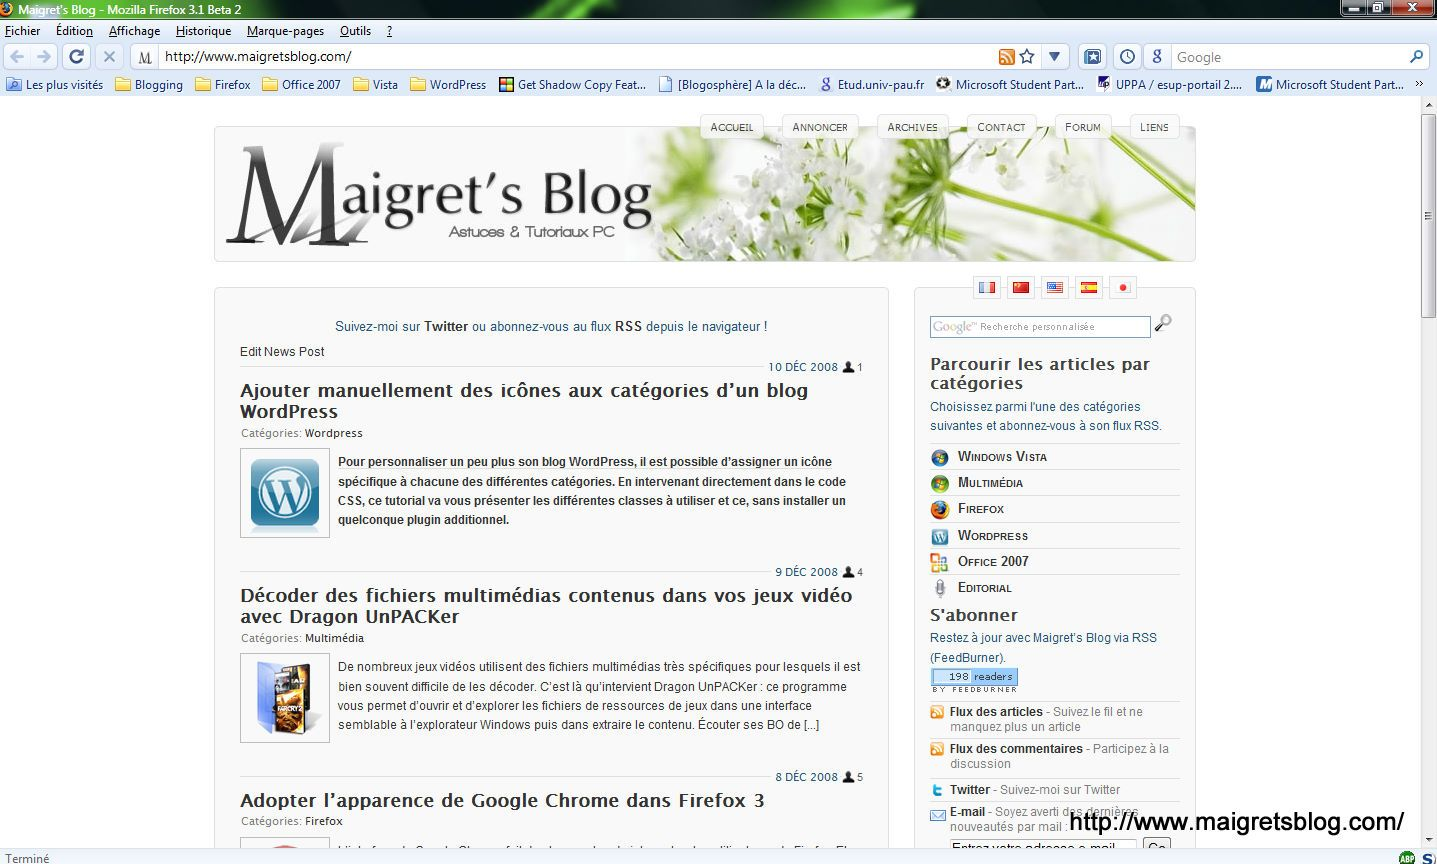 Capture d'écran - Thème Chromifox 2 dans Firefox 3.1